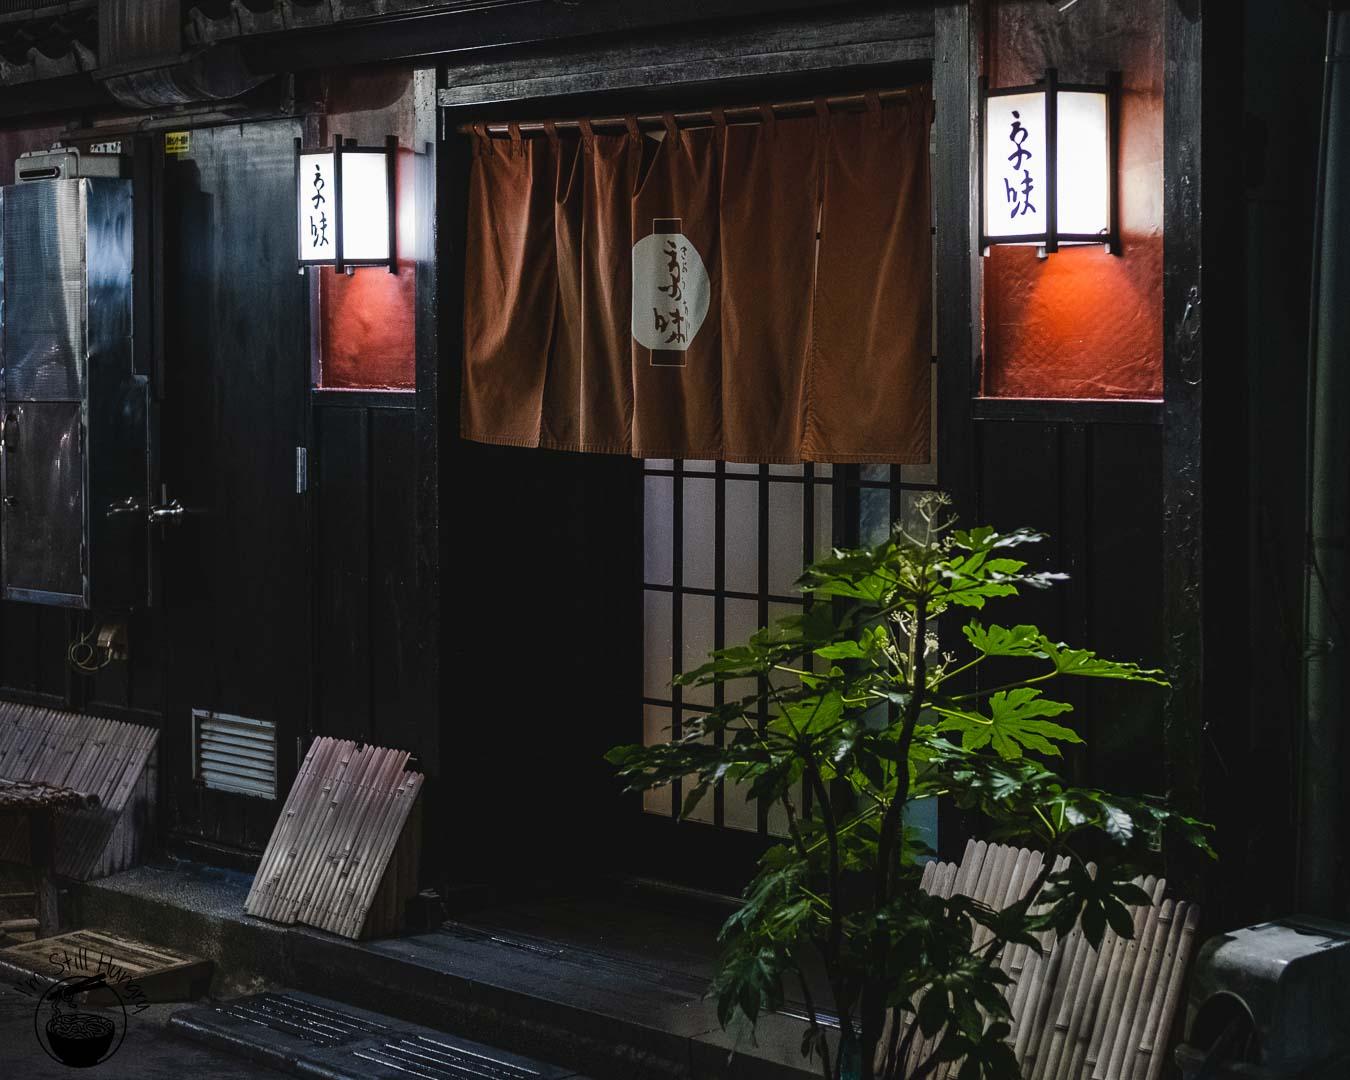 Kyoaji